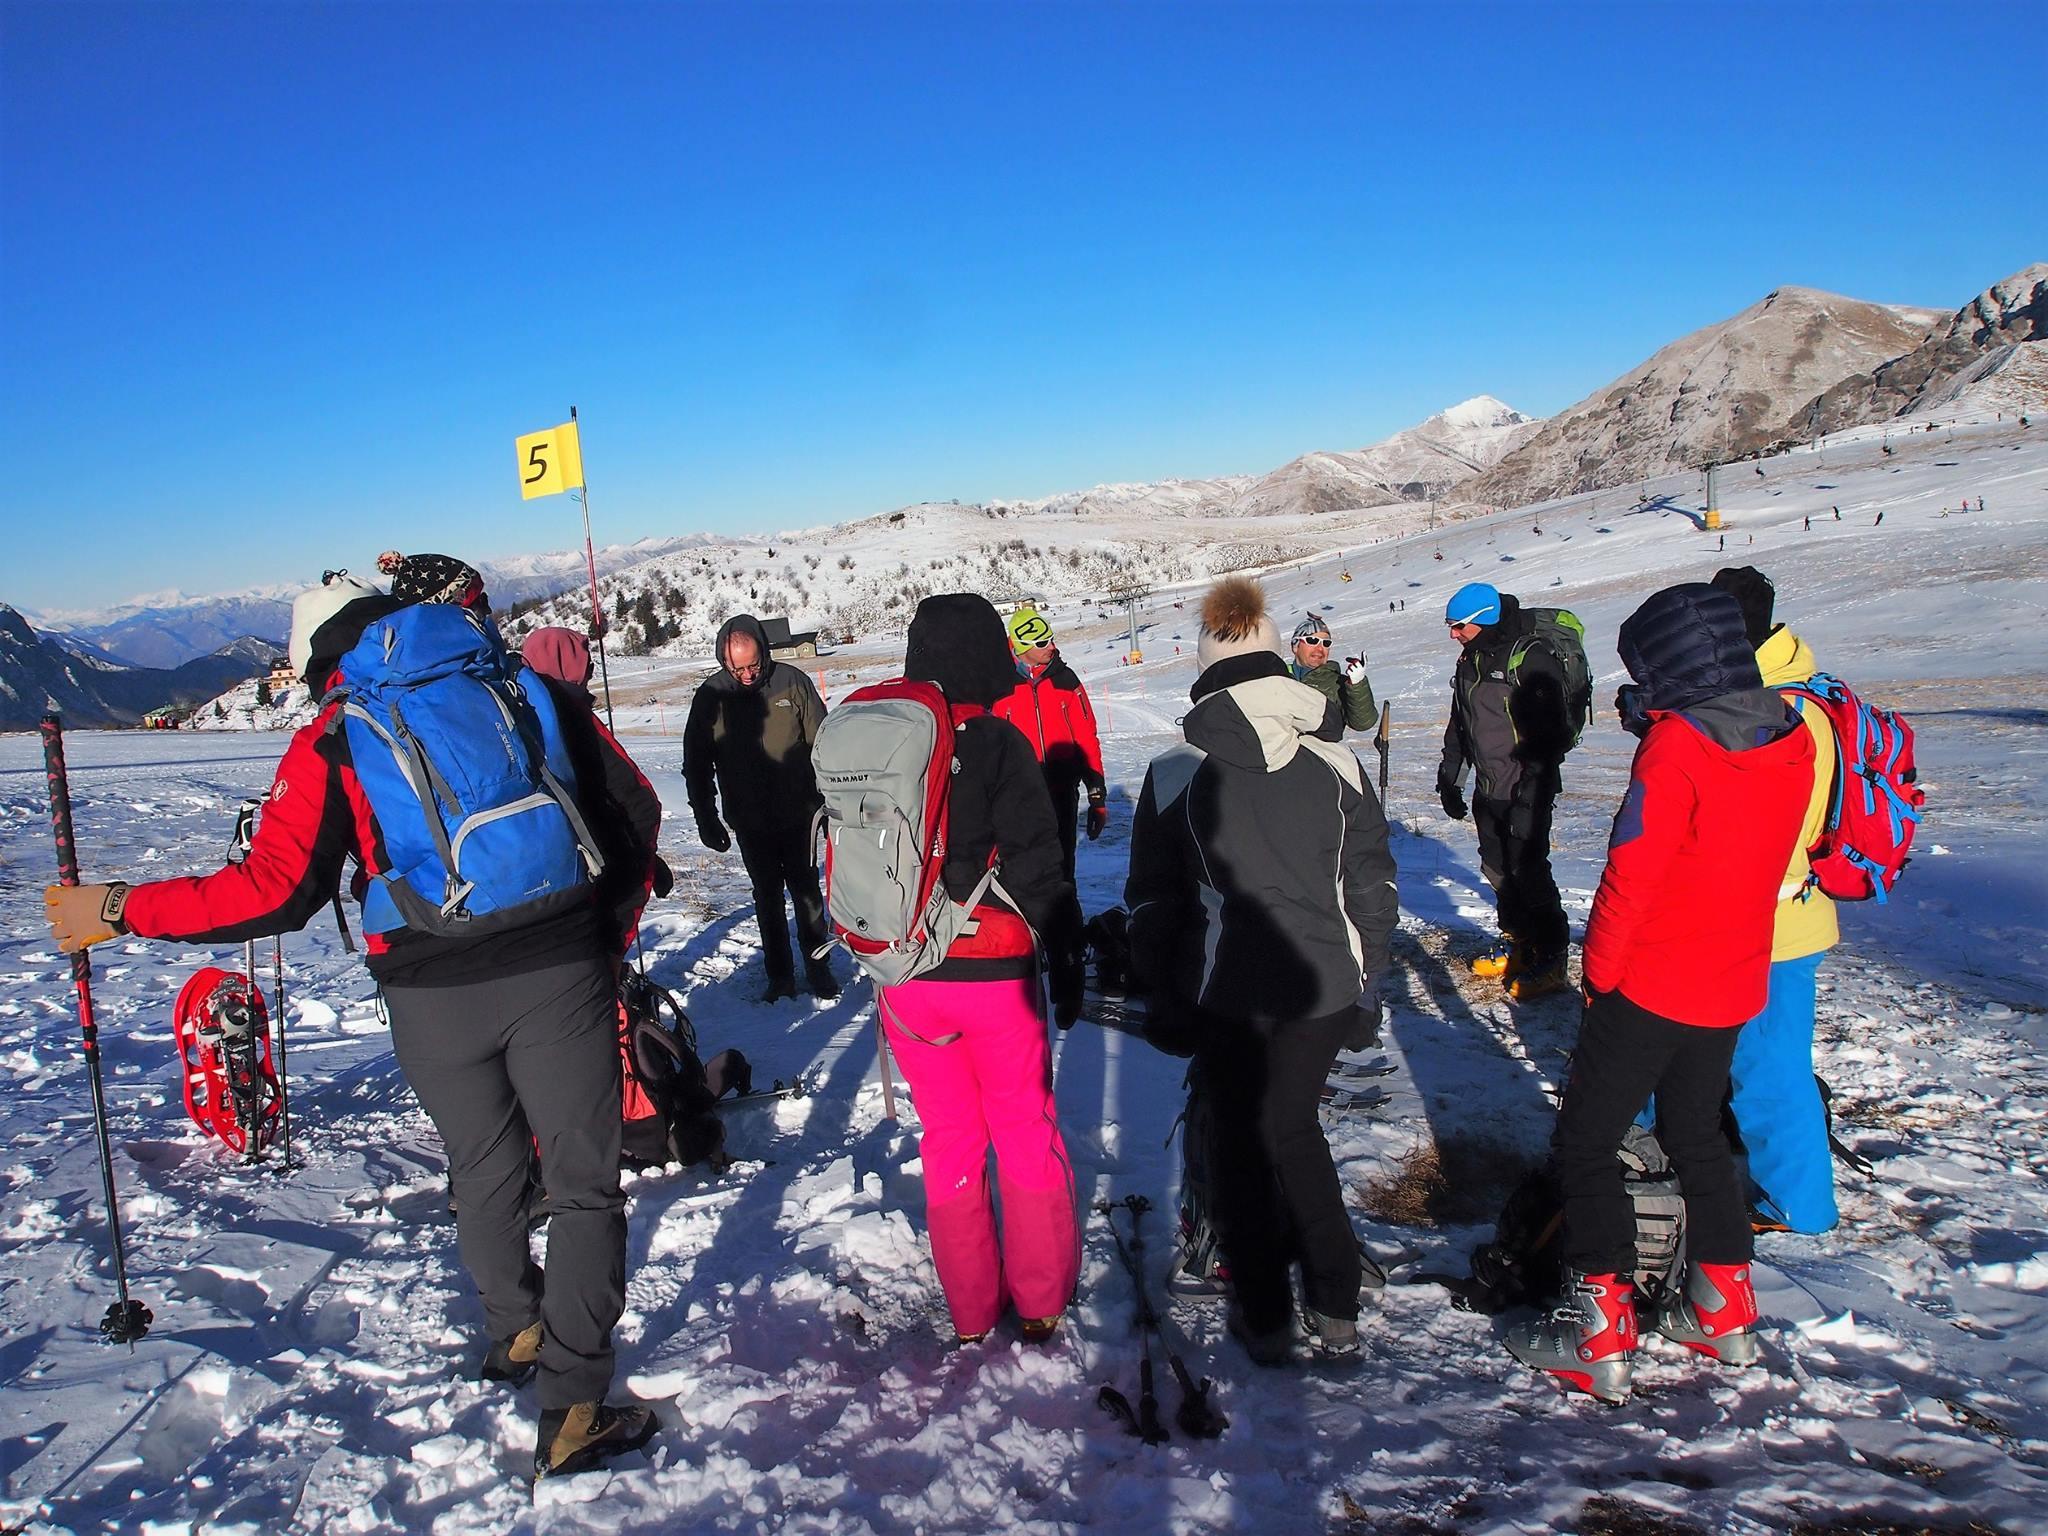 sicuri con la neve incidenti in montagna veneto cosa fare in veneto montagna veneta asiago altopiano dolomiti sciare in veneto